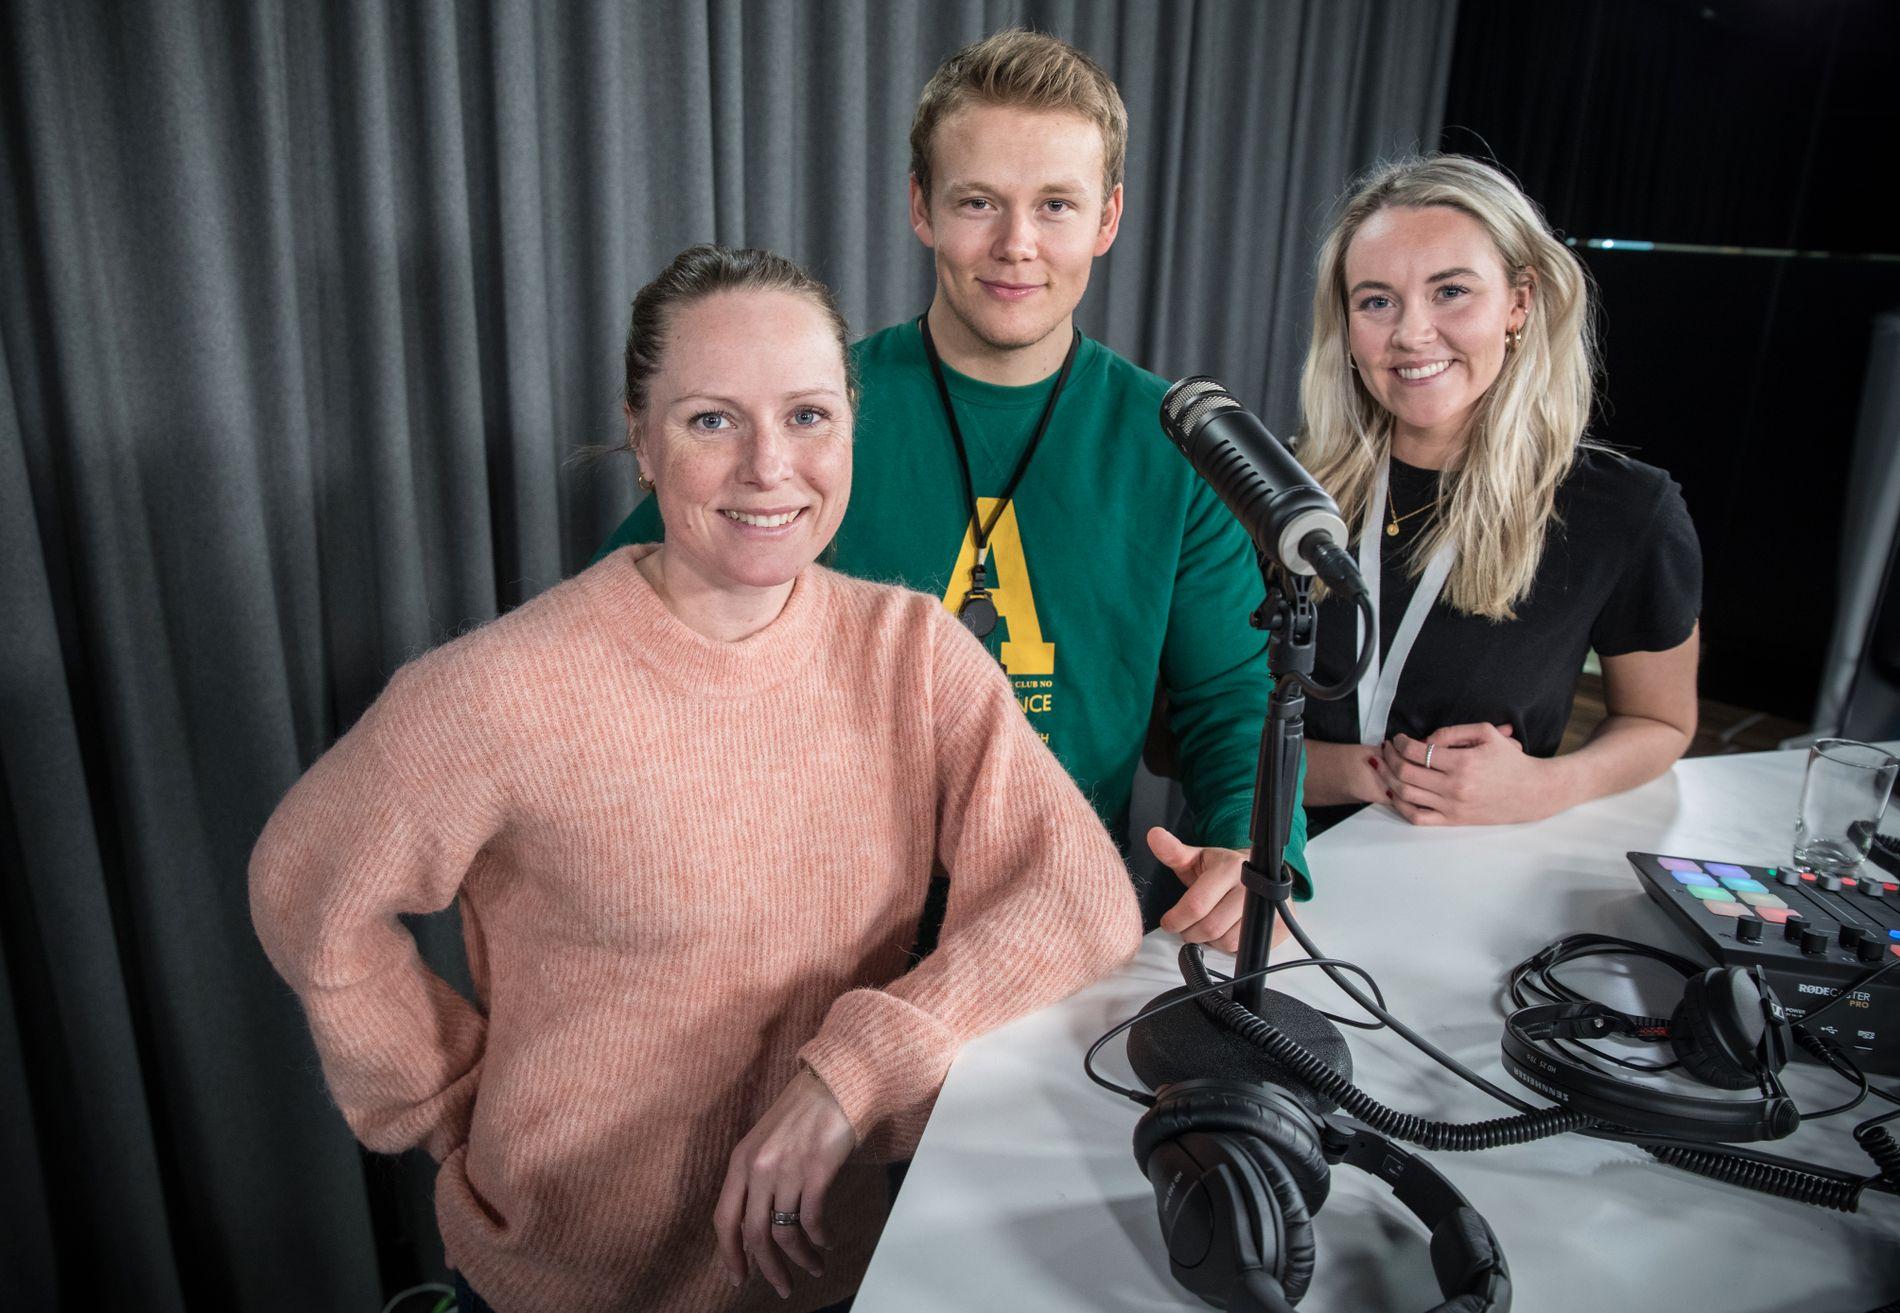 SVARER LYTTERNE: Helene Høimyr, muskelfysiolog og PT, svarer på spørsmål fra dere lyttere om trening og motivasjon. Her sammen med programleder Daniel Røed-Johansen og Malene Indrebø-Langlo.